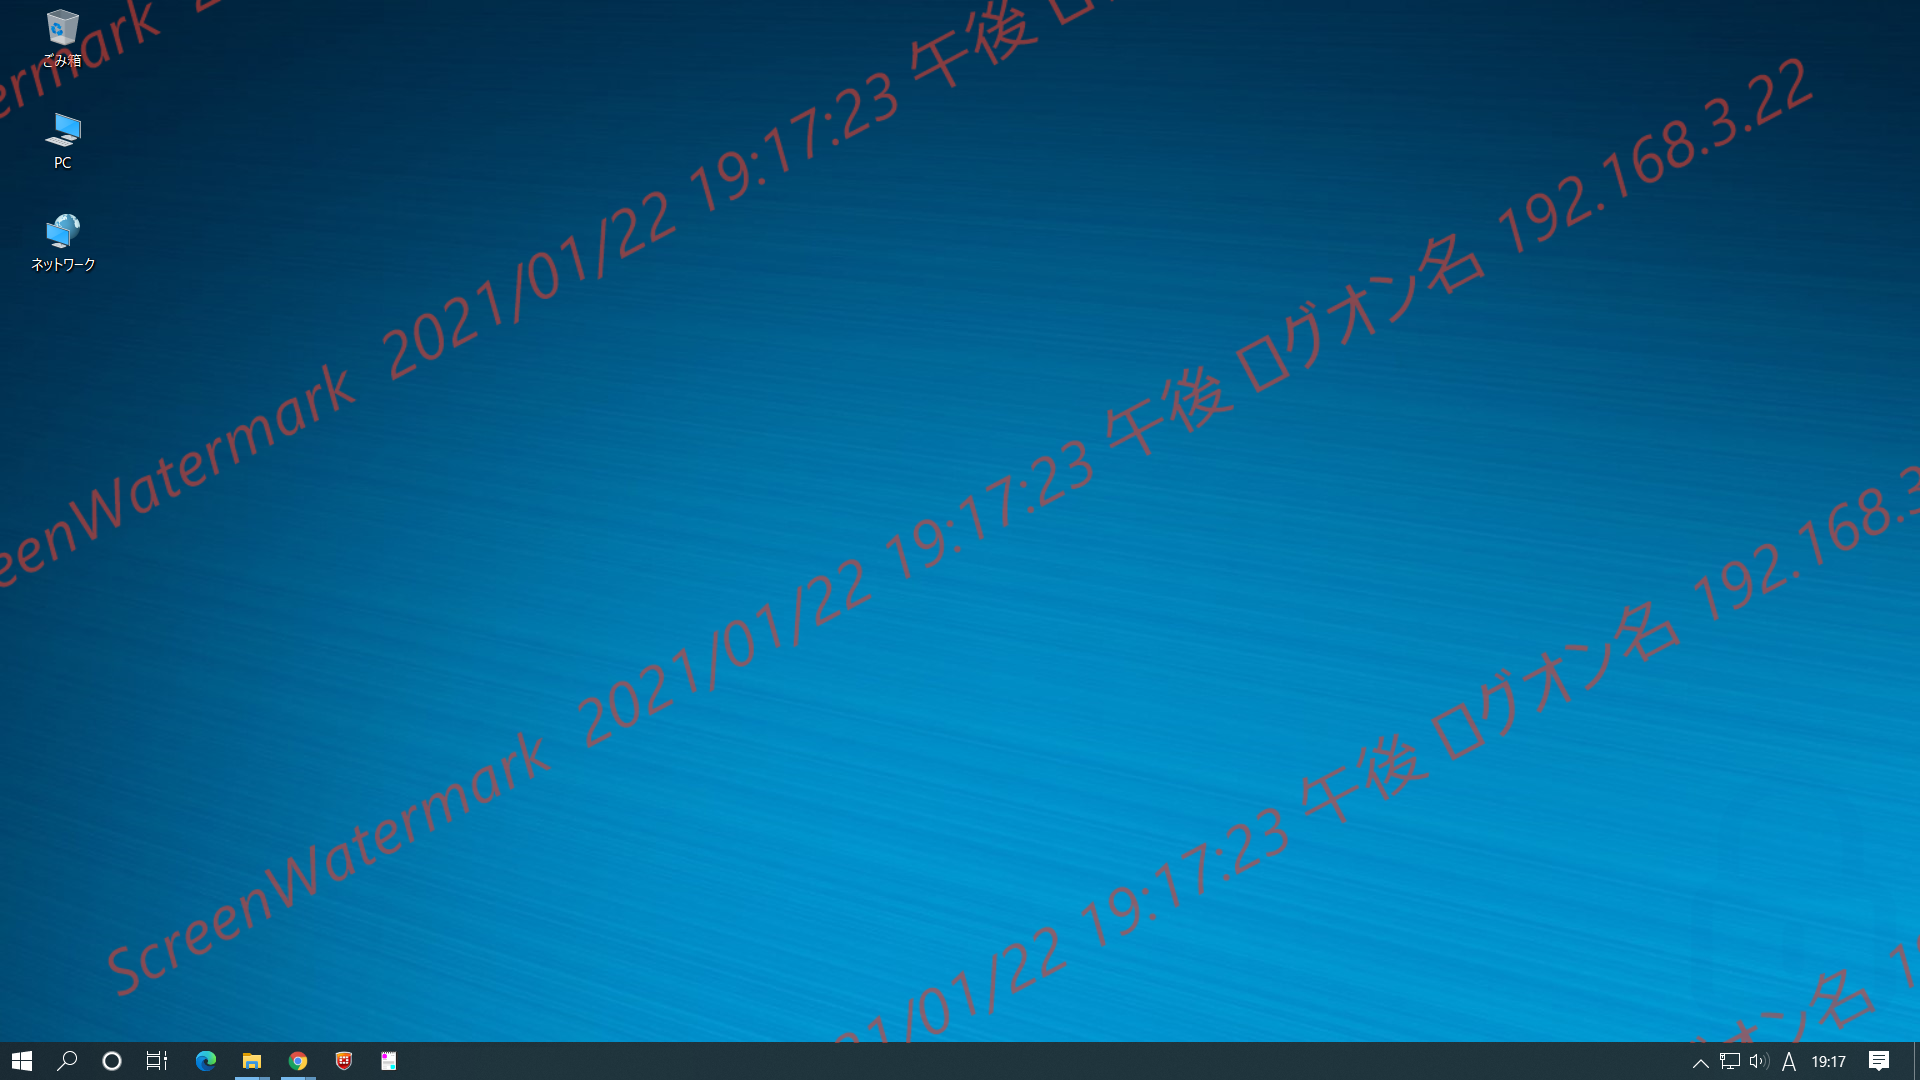 スクリーンウォーターマークの表示されたPC画面